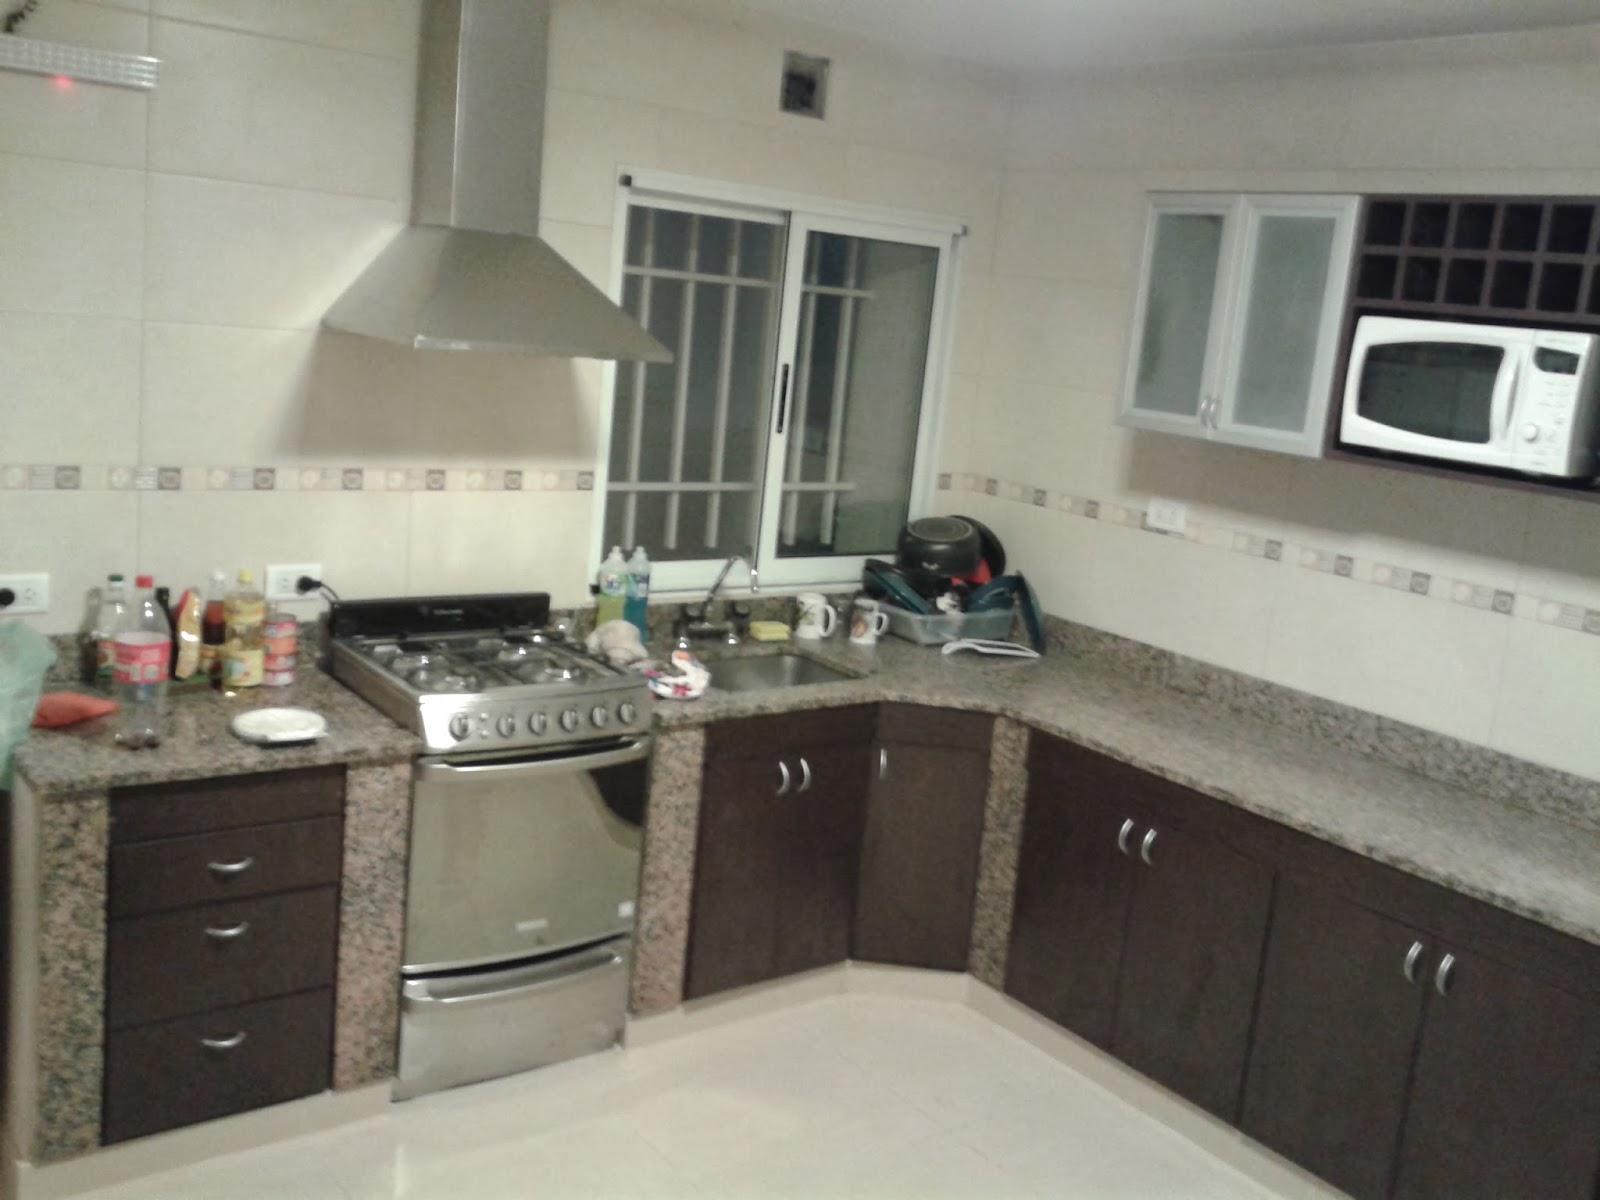 Amoblamientos para cocina amoblamientos stilling for Amoblamientos de cocina a medida precios